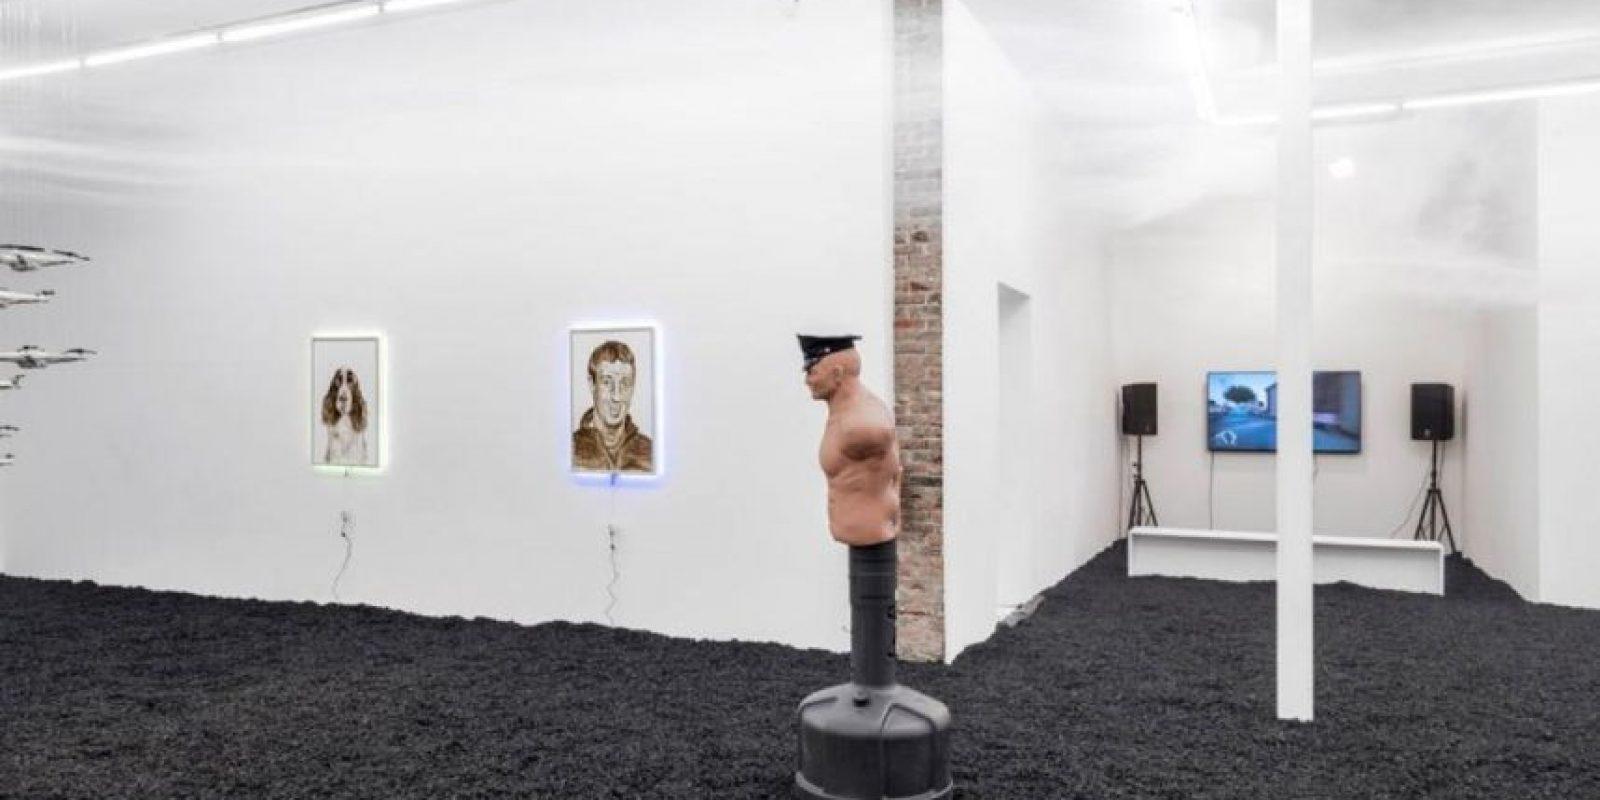 El retrato fue realizado con heces fecales. Foto:facebook.com/TheHoleNYC